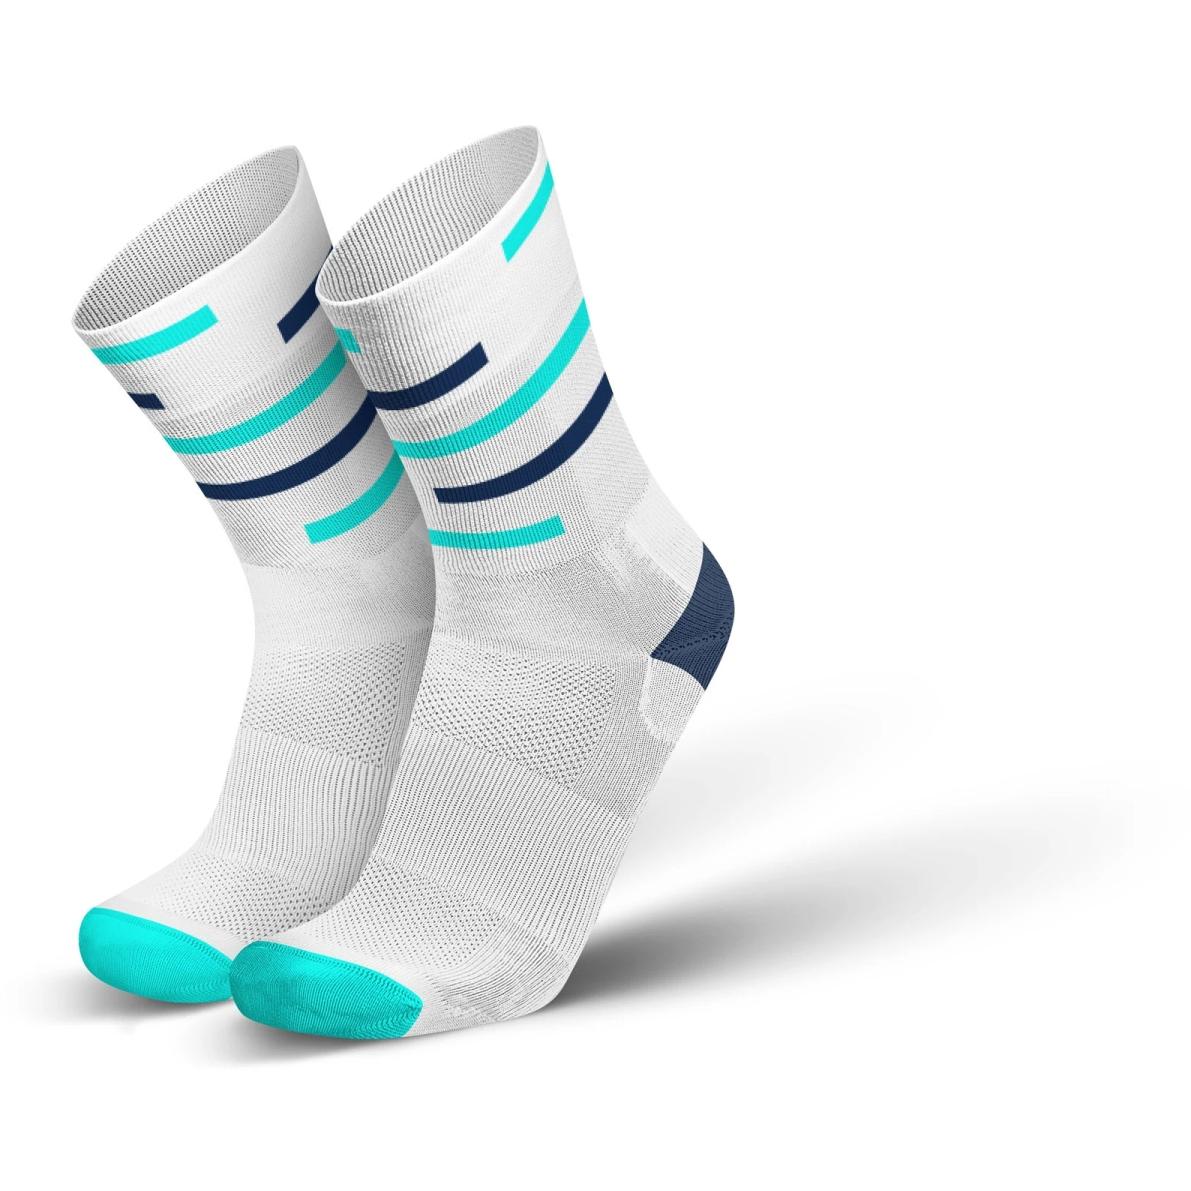 Produktbild von INCYLENCE Ultralight Motions Socken - Navy Sky